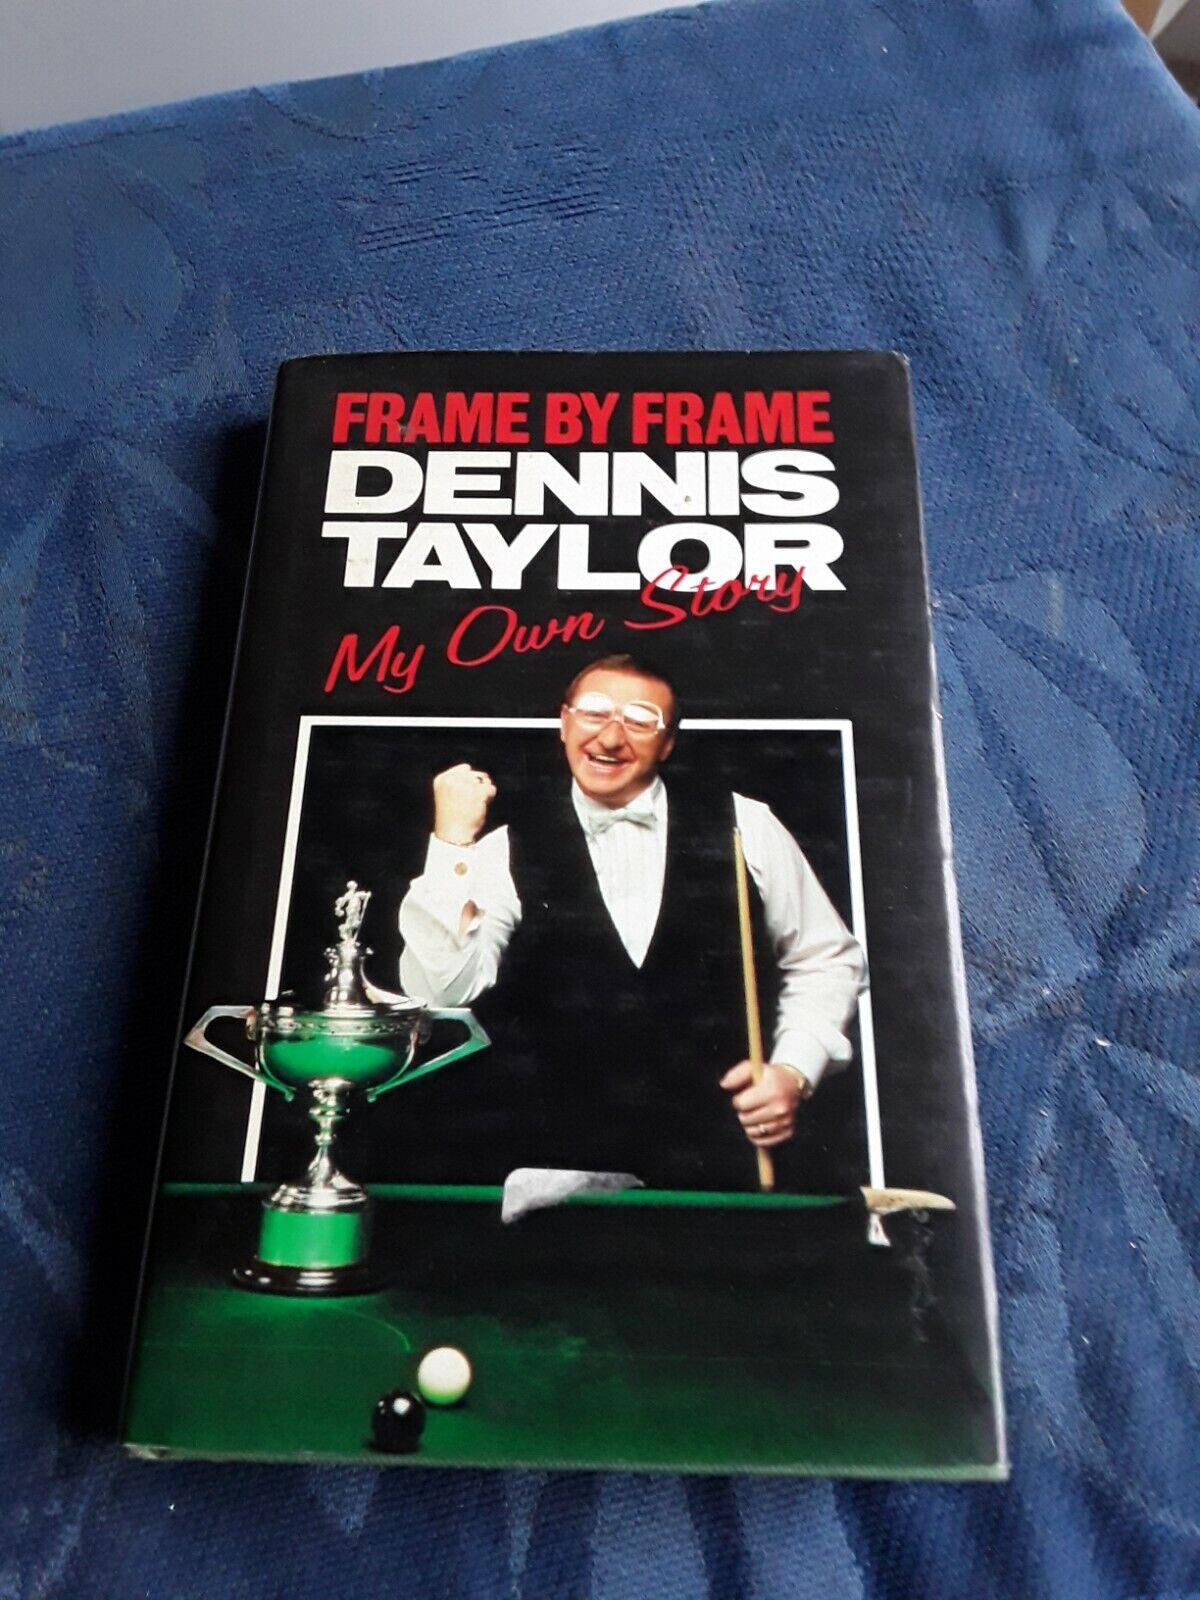 dennis Taylor  frame by frame book